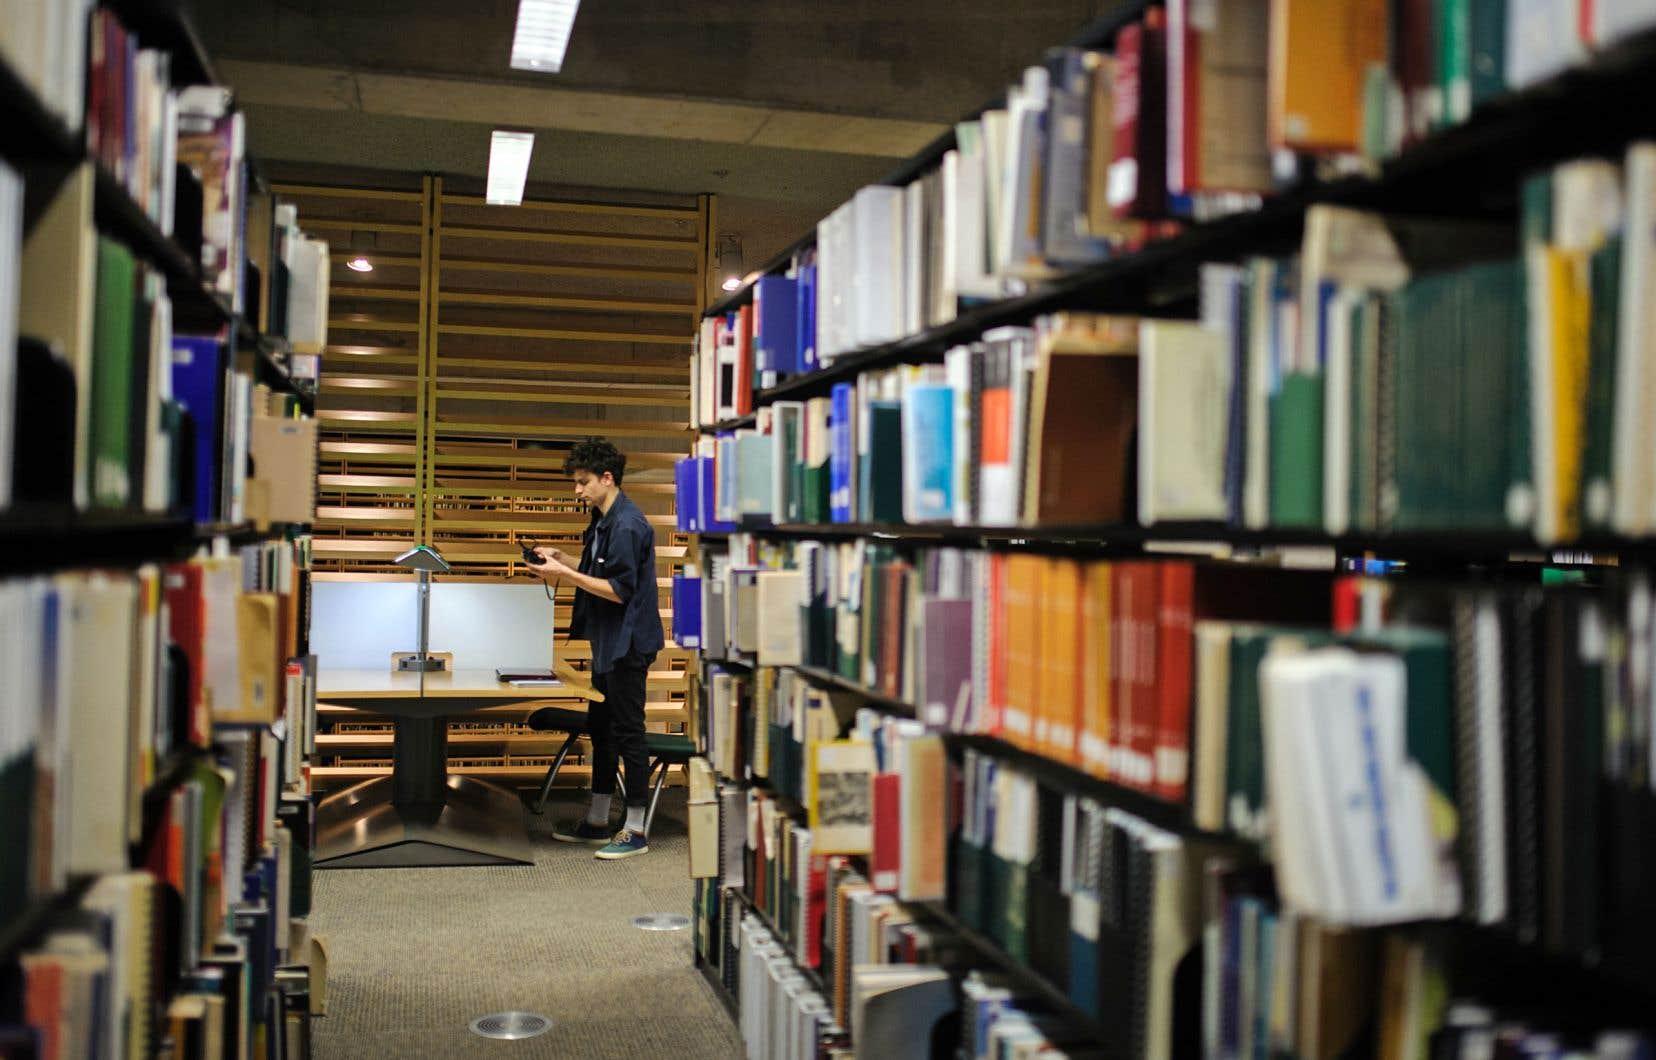 C'est à Bibliothèque et Archives nationales du Québec que revient la tâche de conserver et de diffuser les nombreux documents soumis au dépôt légal.